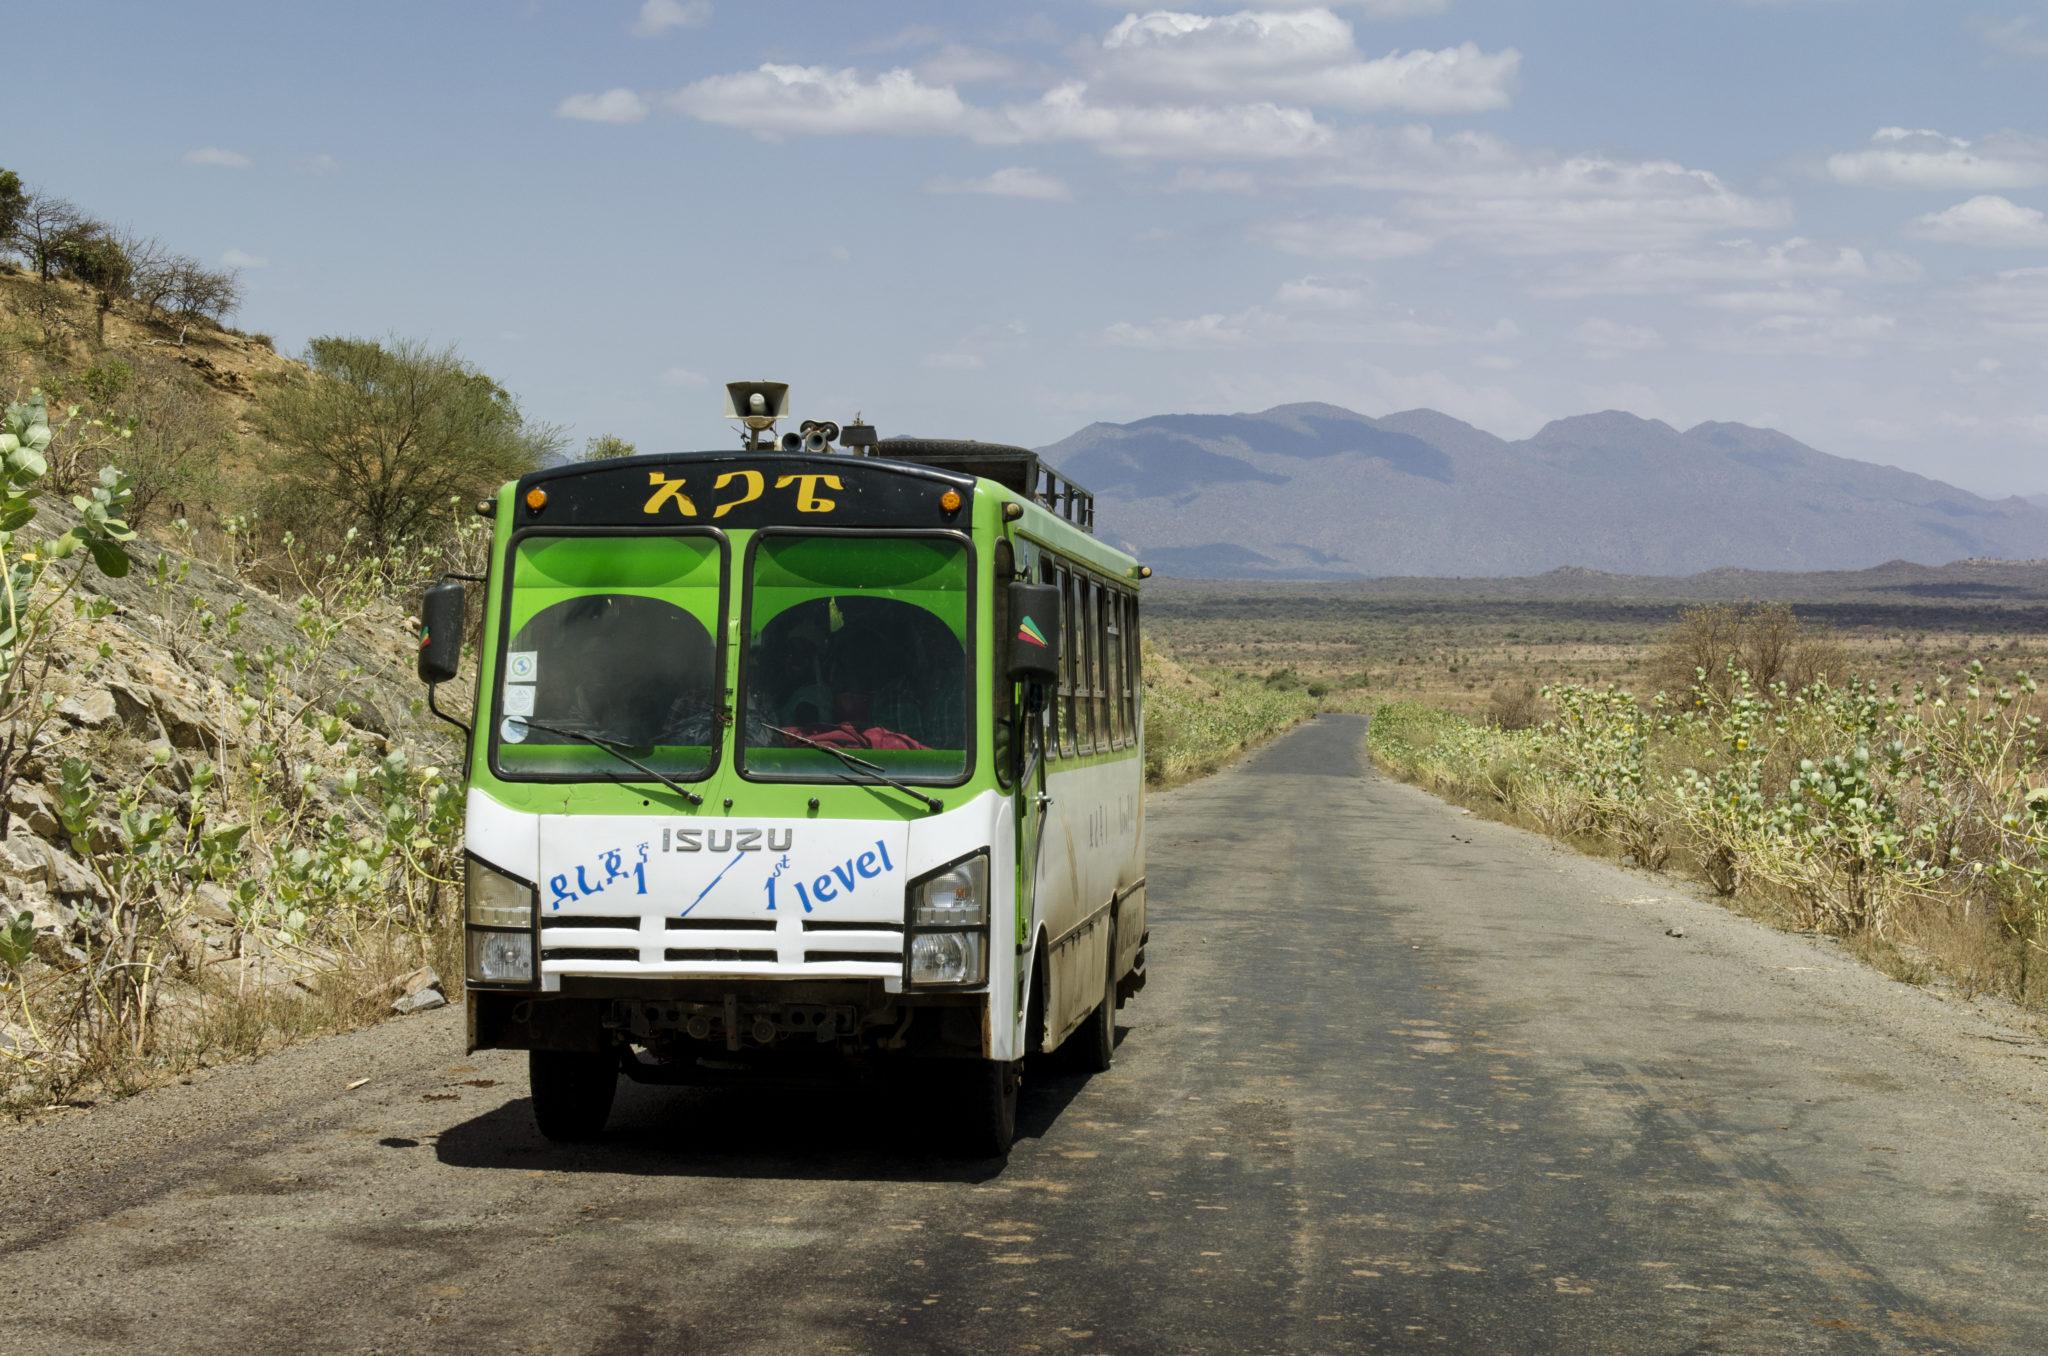 Überlandbusse in Äthiopien Reisetipps